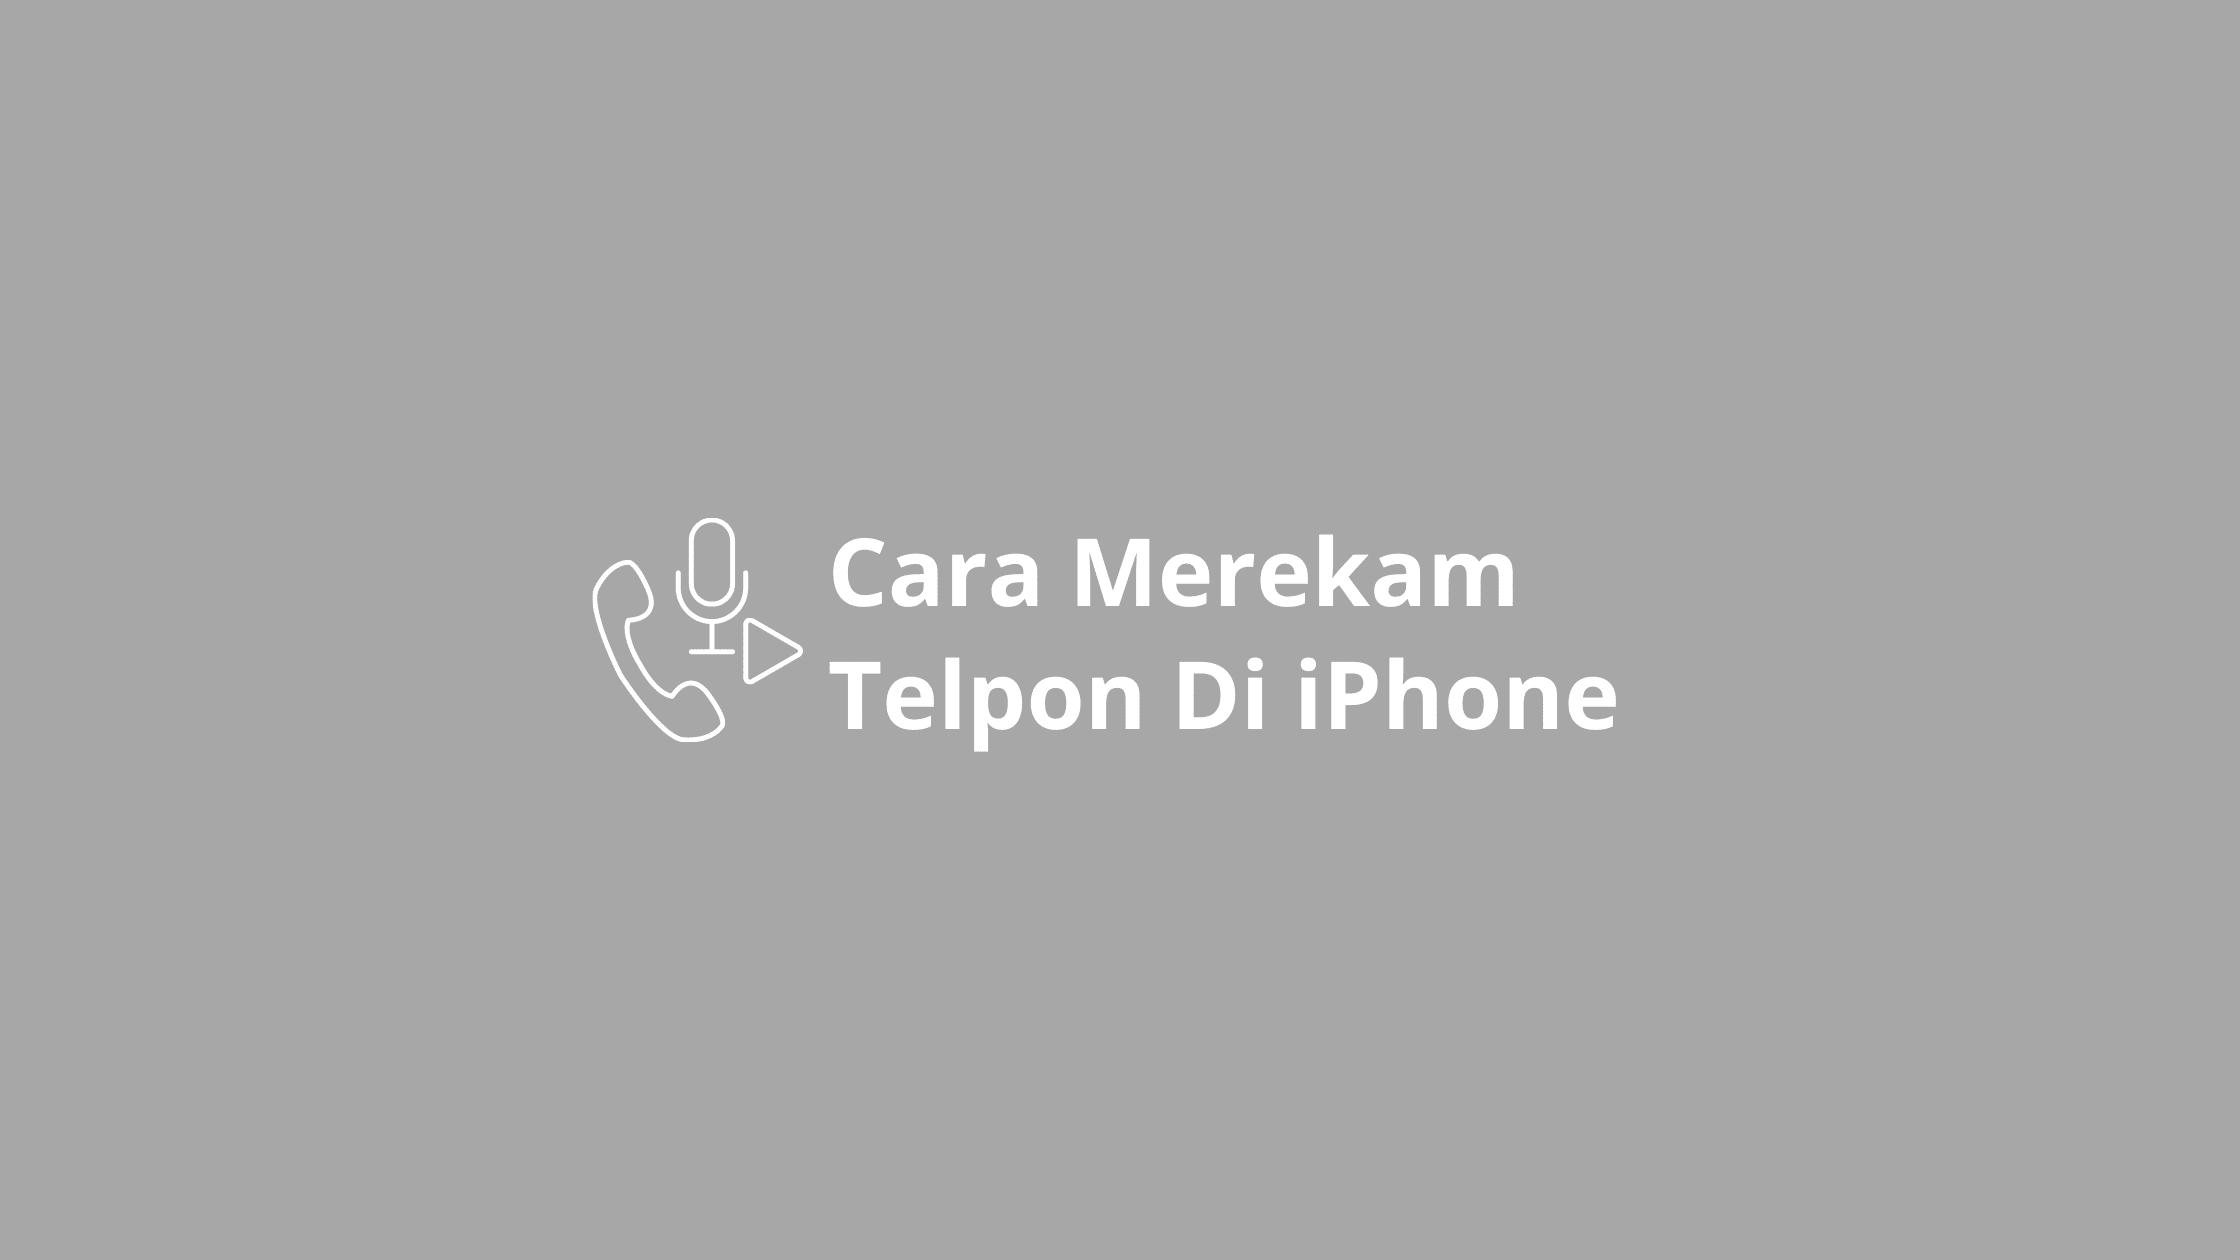 cara merekam telepon di iphone